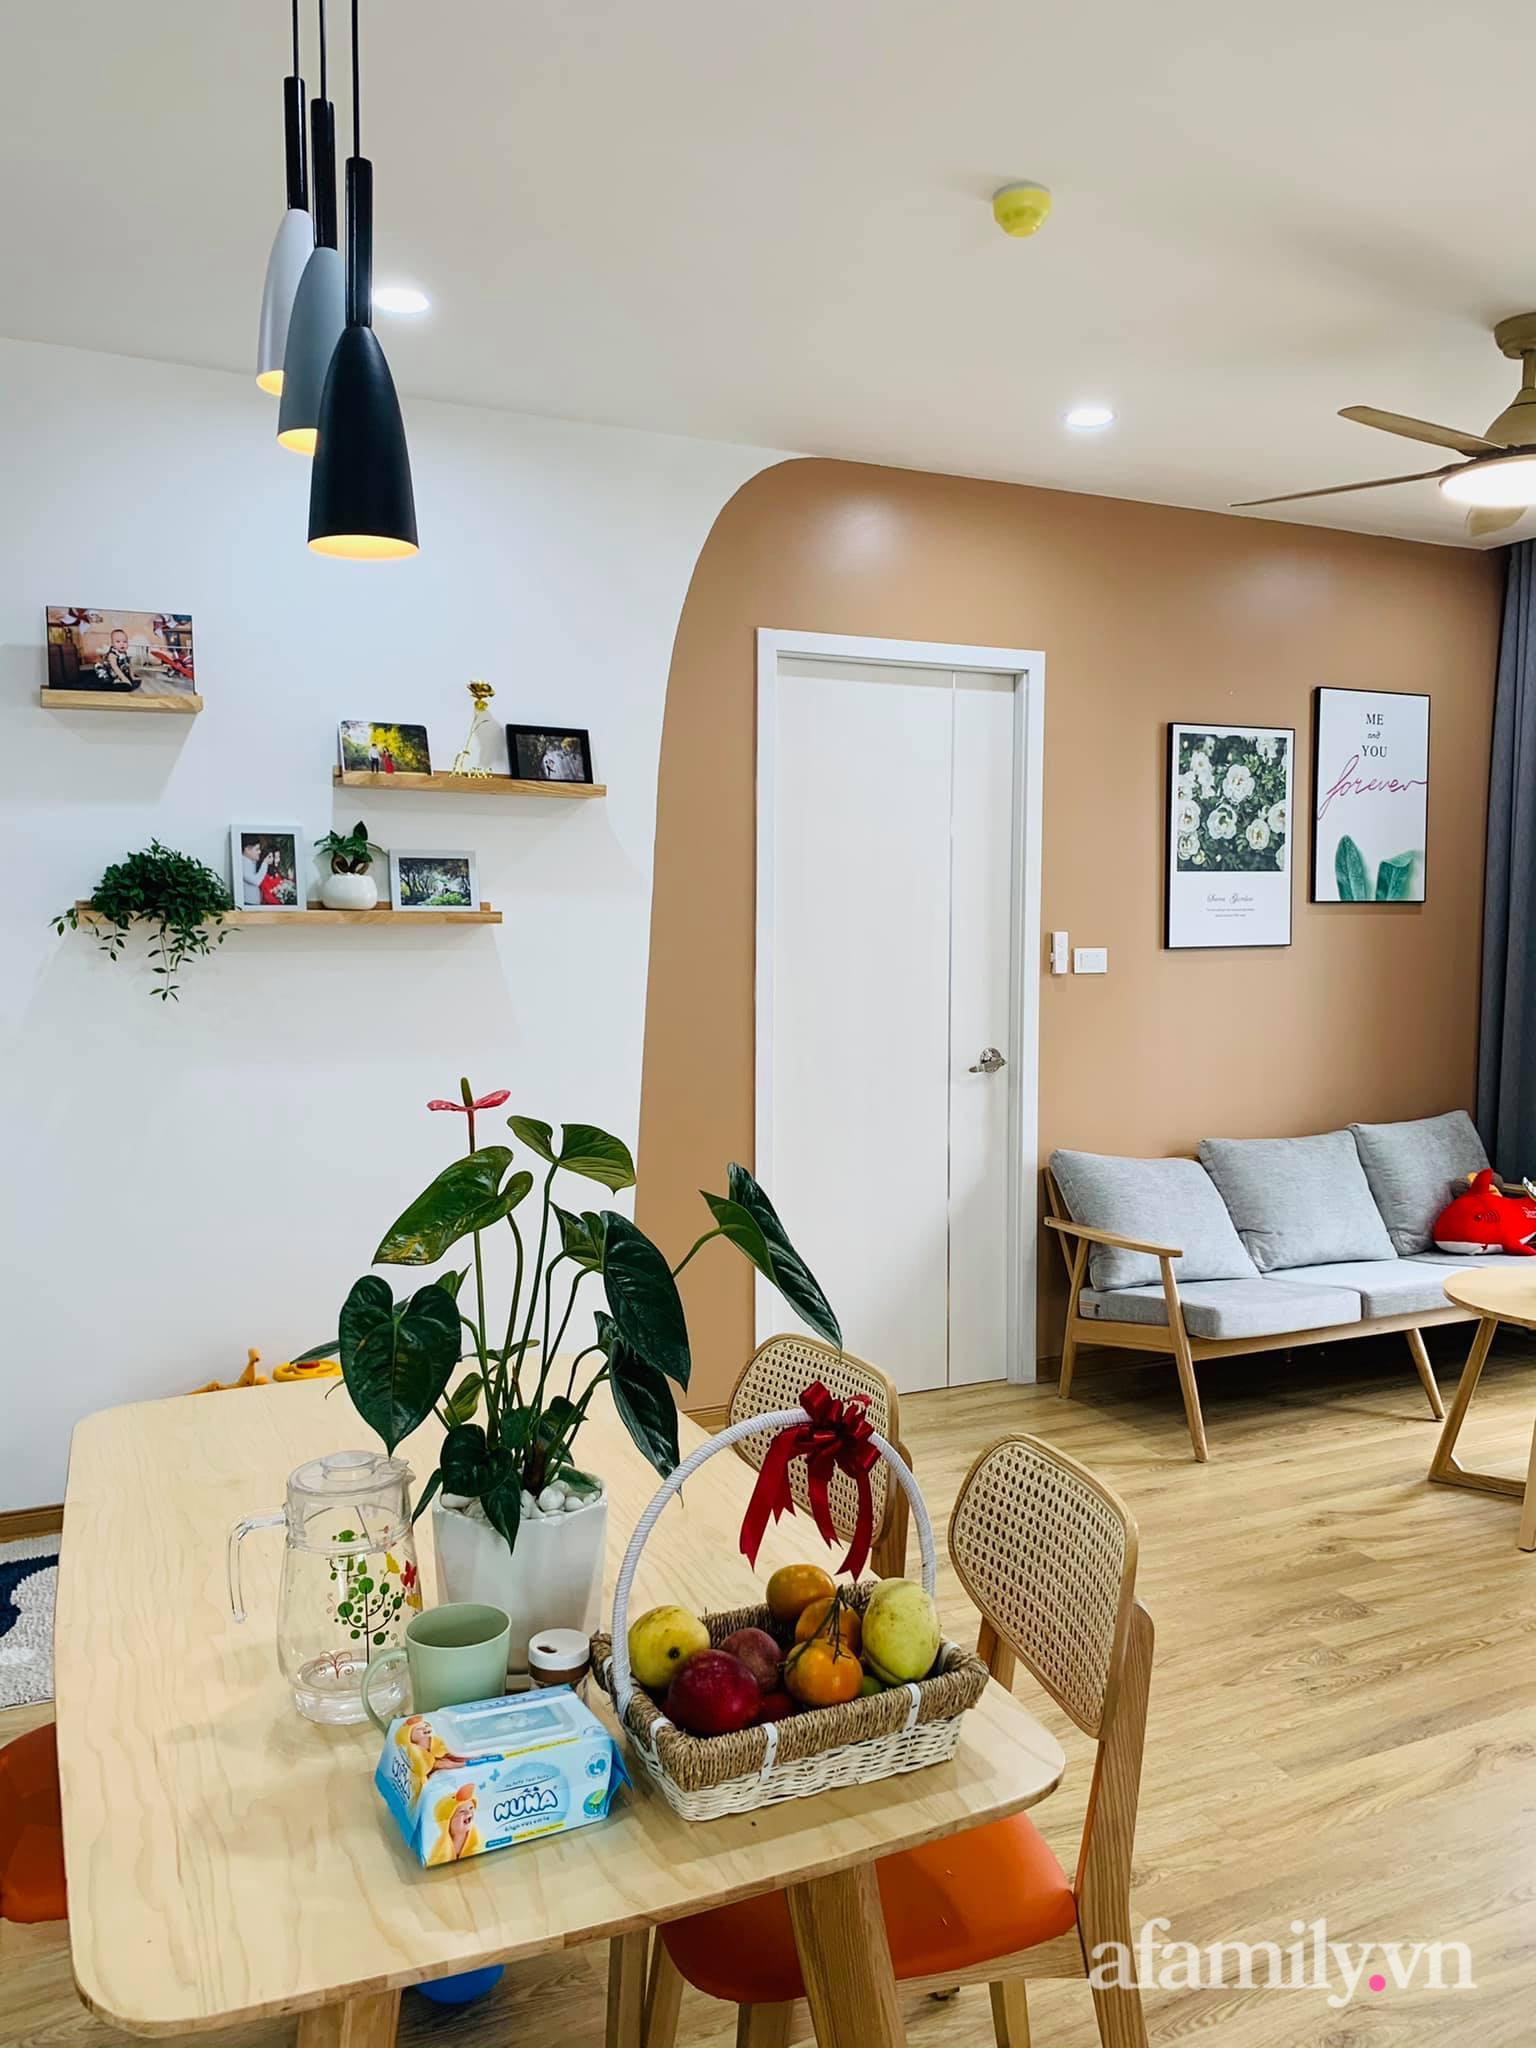 Nhà ở xã hội 69m² siêu ấm áp và tiện ích có chi phí cải tạo 200 triệu đồng của cặp vợ chồng 9X ở Từ Liêm, Hà Nội - Ảnh 12.